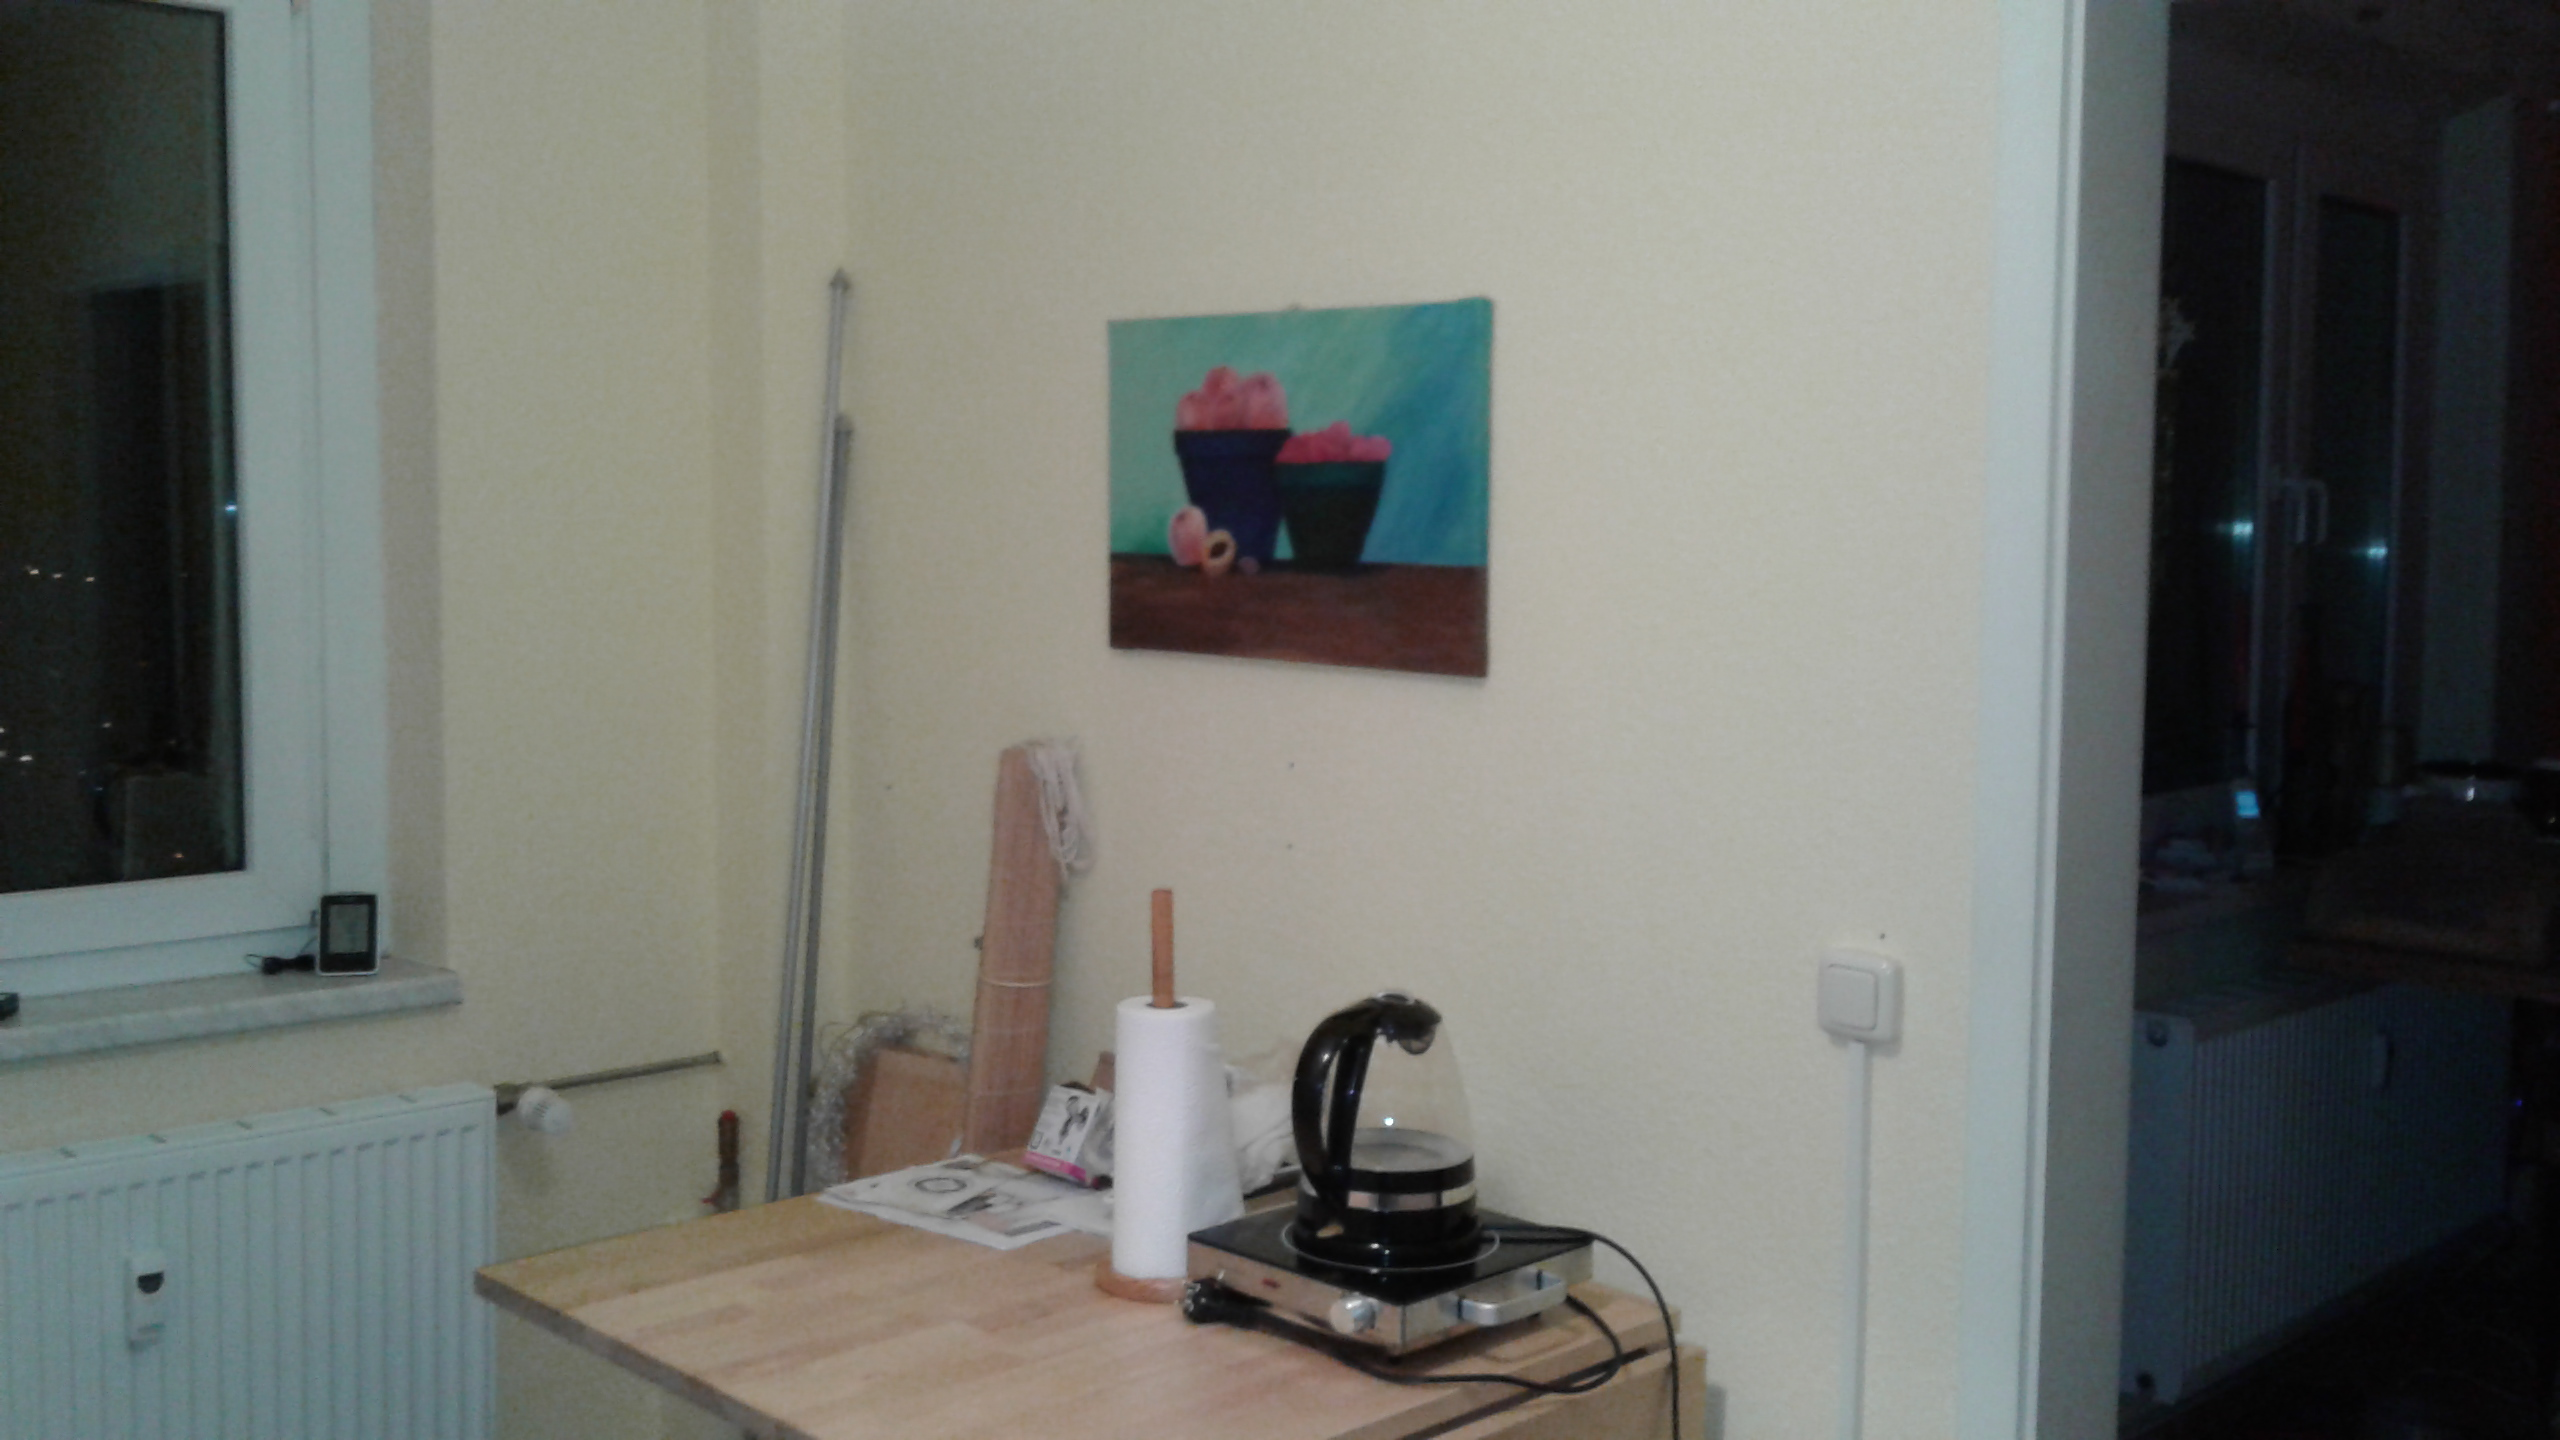 2019-12-08-Malerarbeiten-fertig